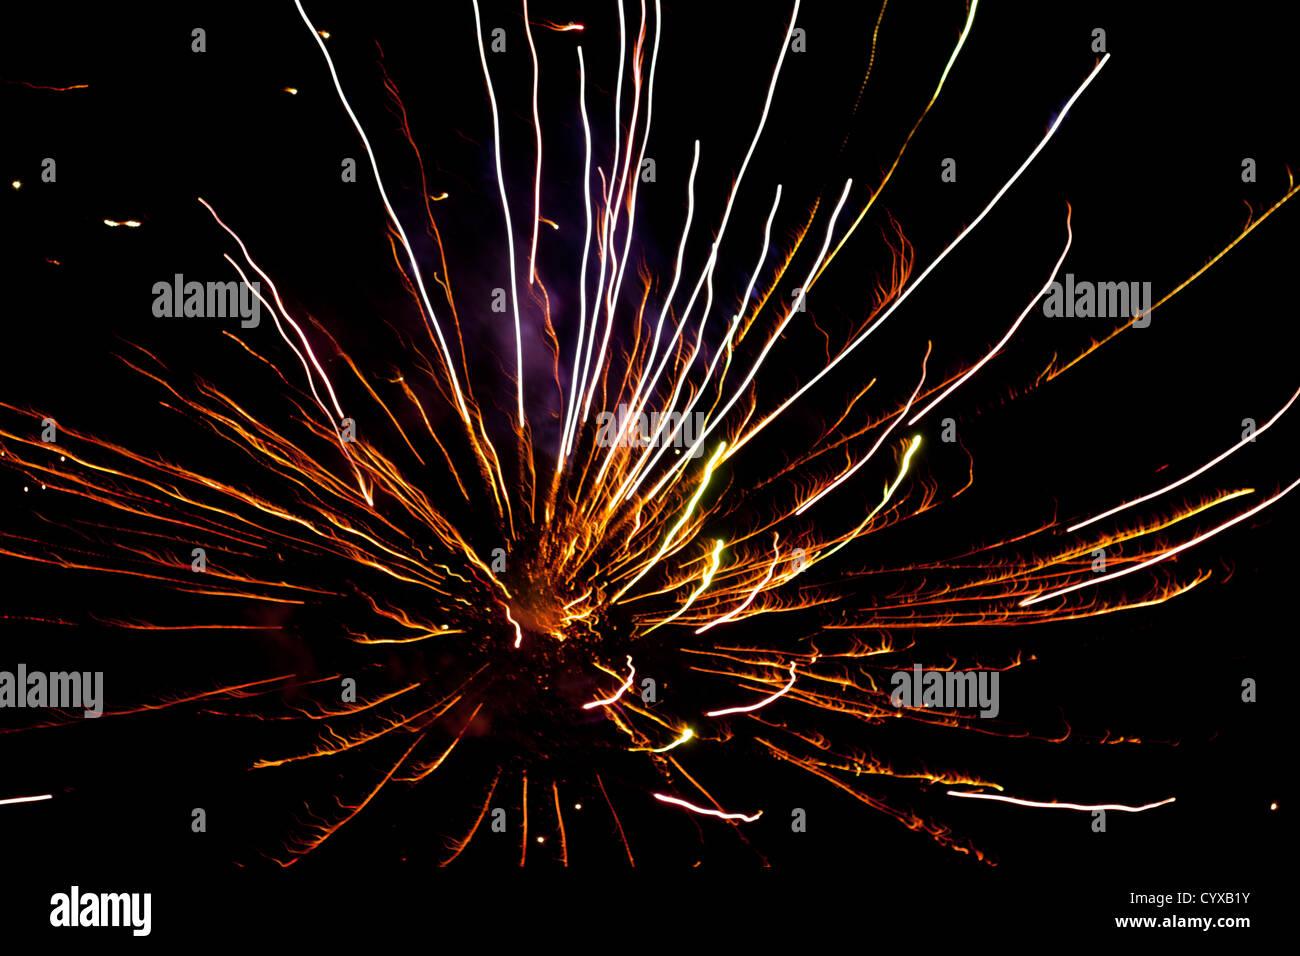 firework exploding  fills frame in black sky - Stock Image